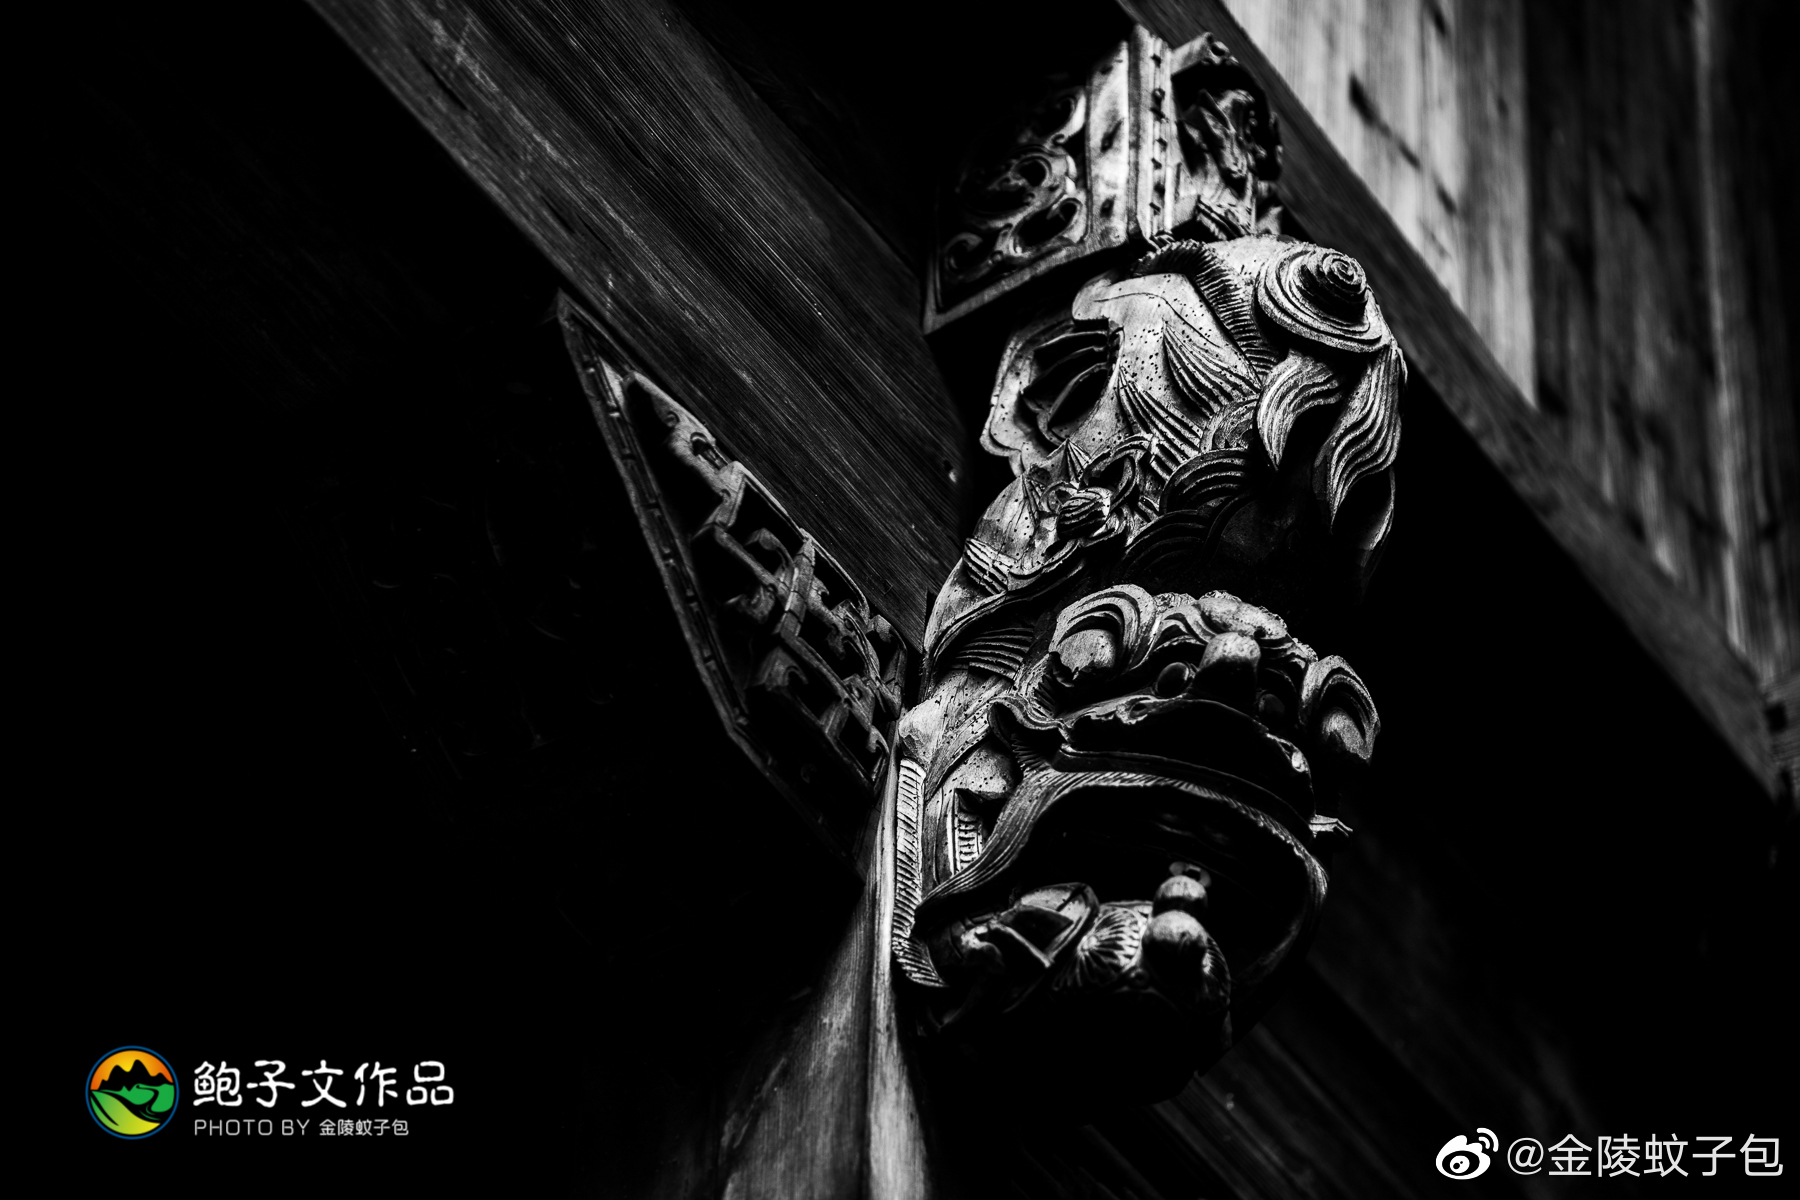 门当户对,与什么都能雕的西递匠人,木头上雕刻就是木雕